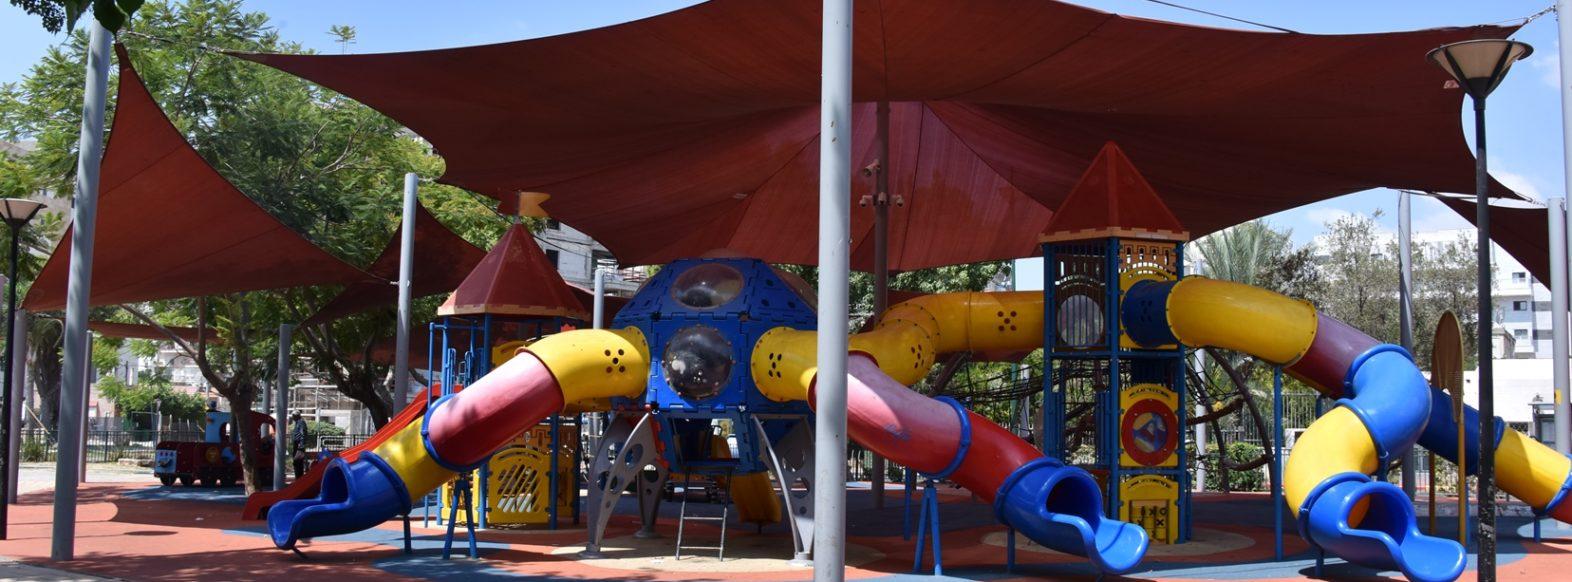 עיריית קרית אתא מקימה גני משחקים חדשים ברחובות חנקין , פיקאסו ואסף שמחוני